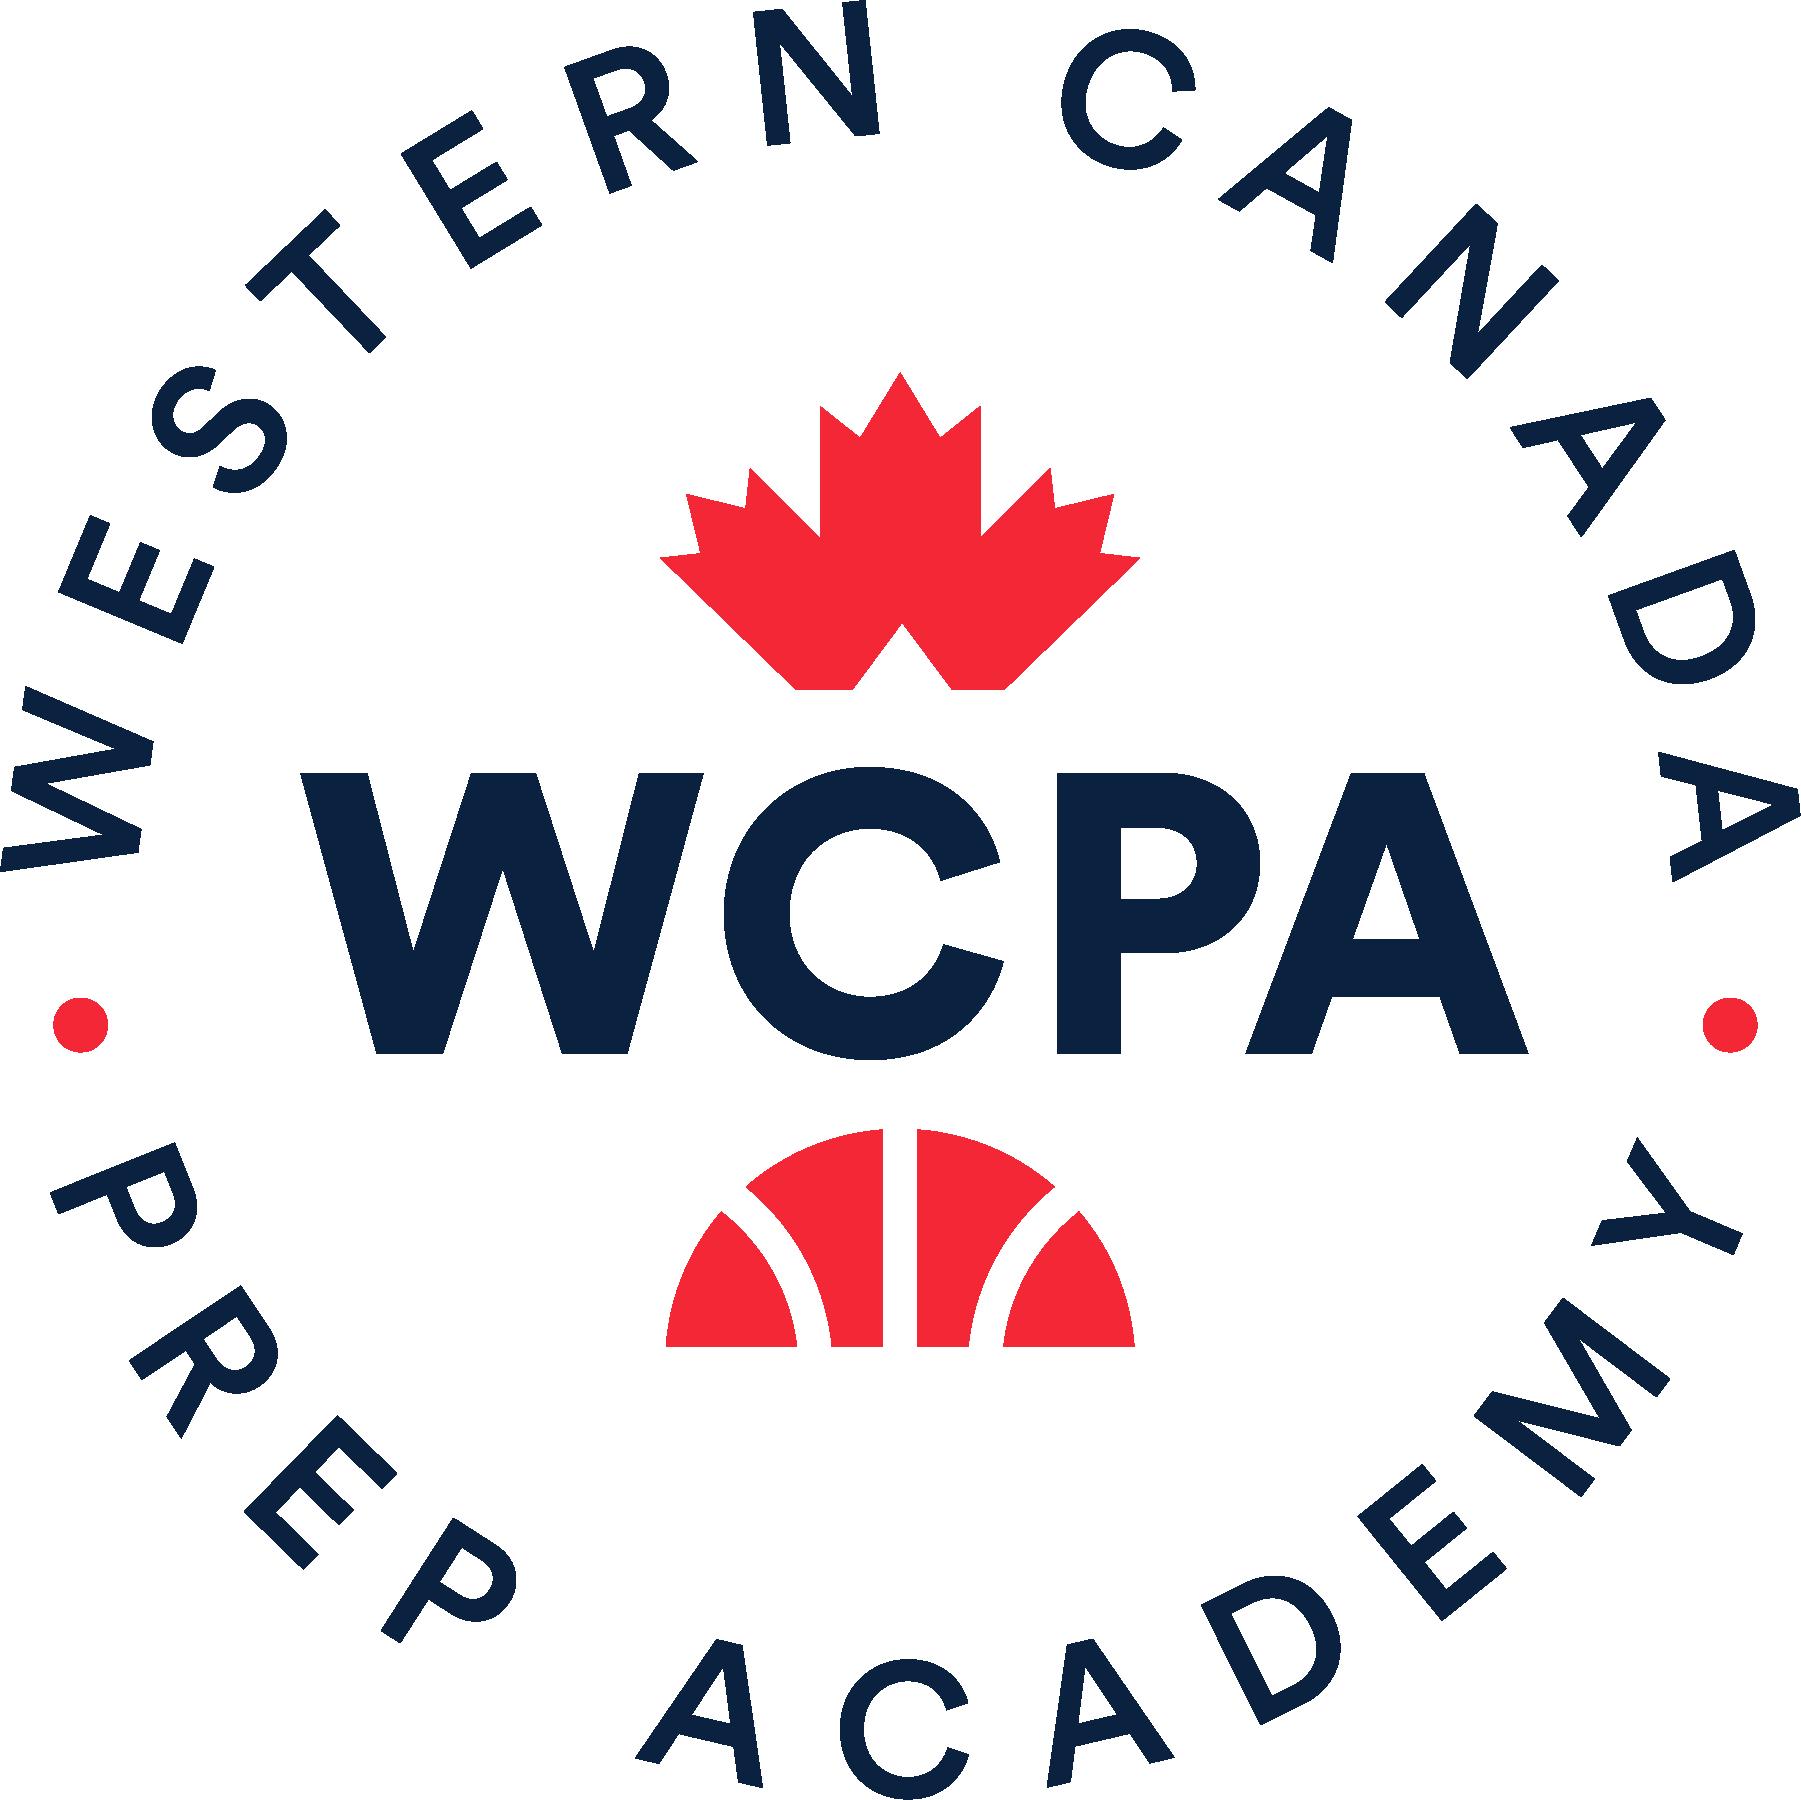 Western Canada Prep Academy